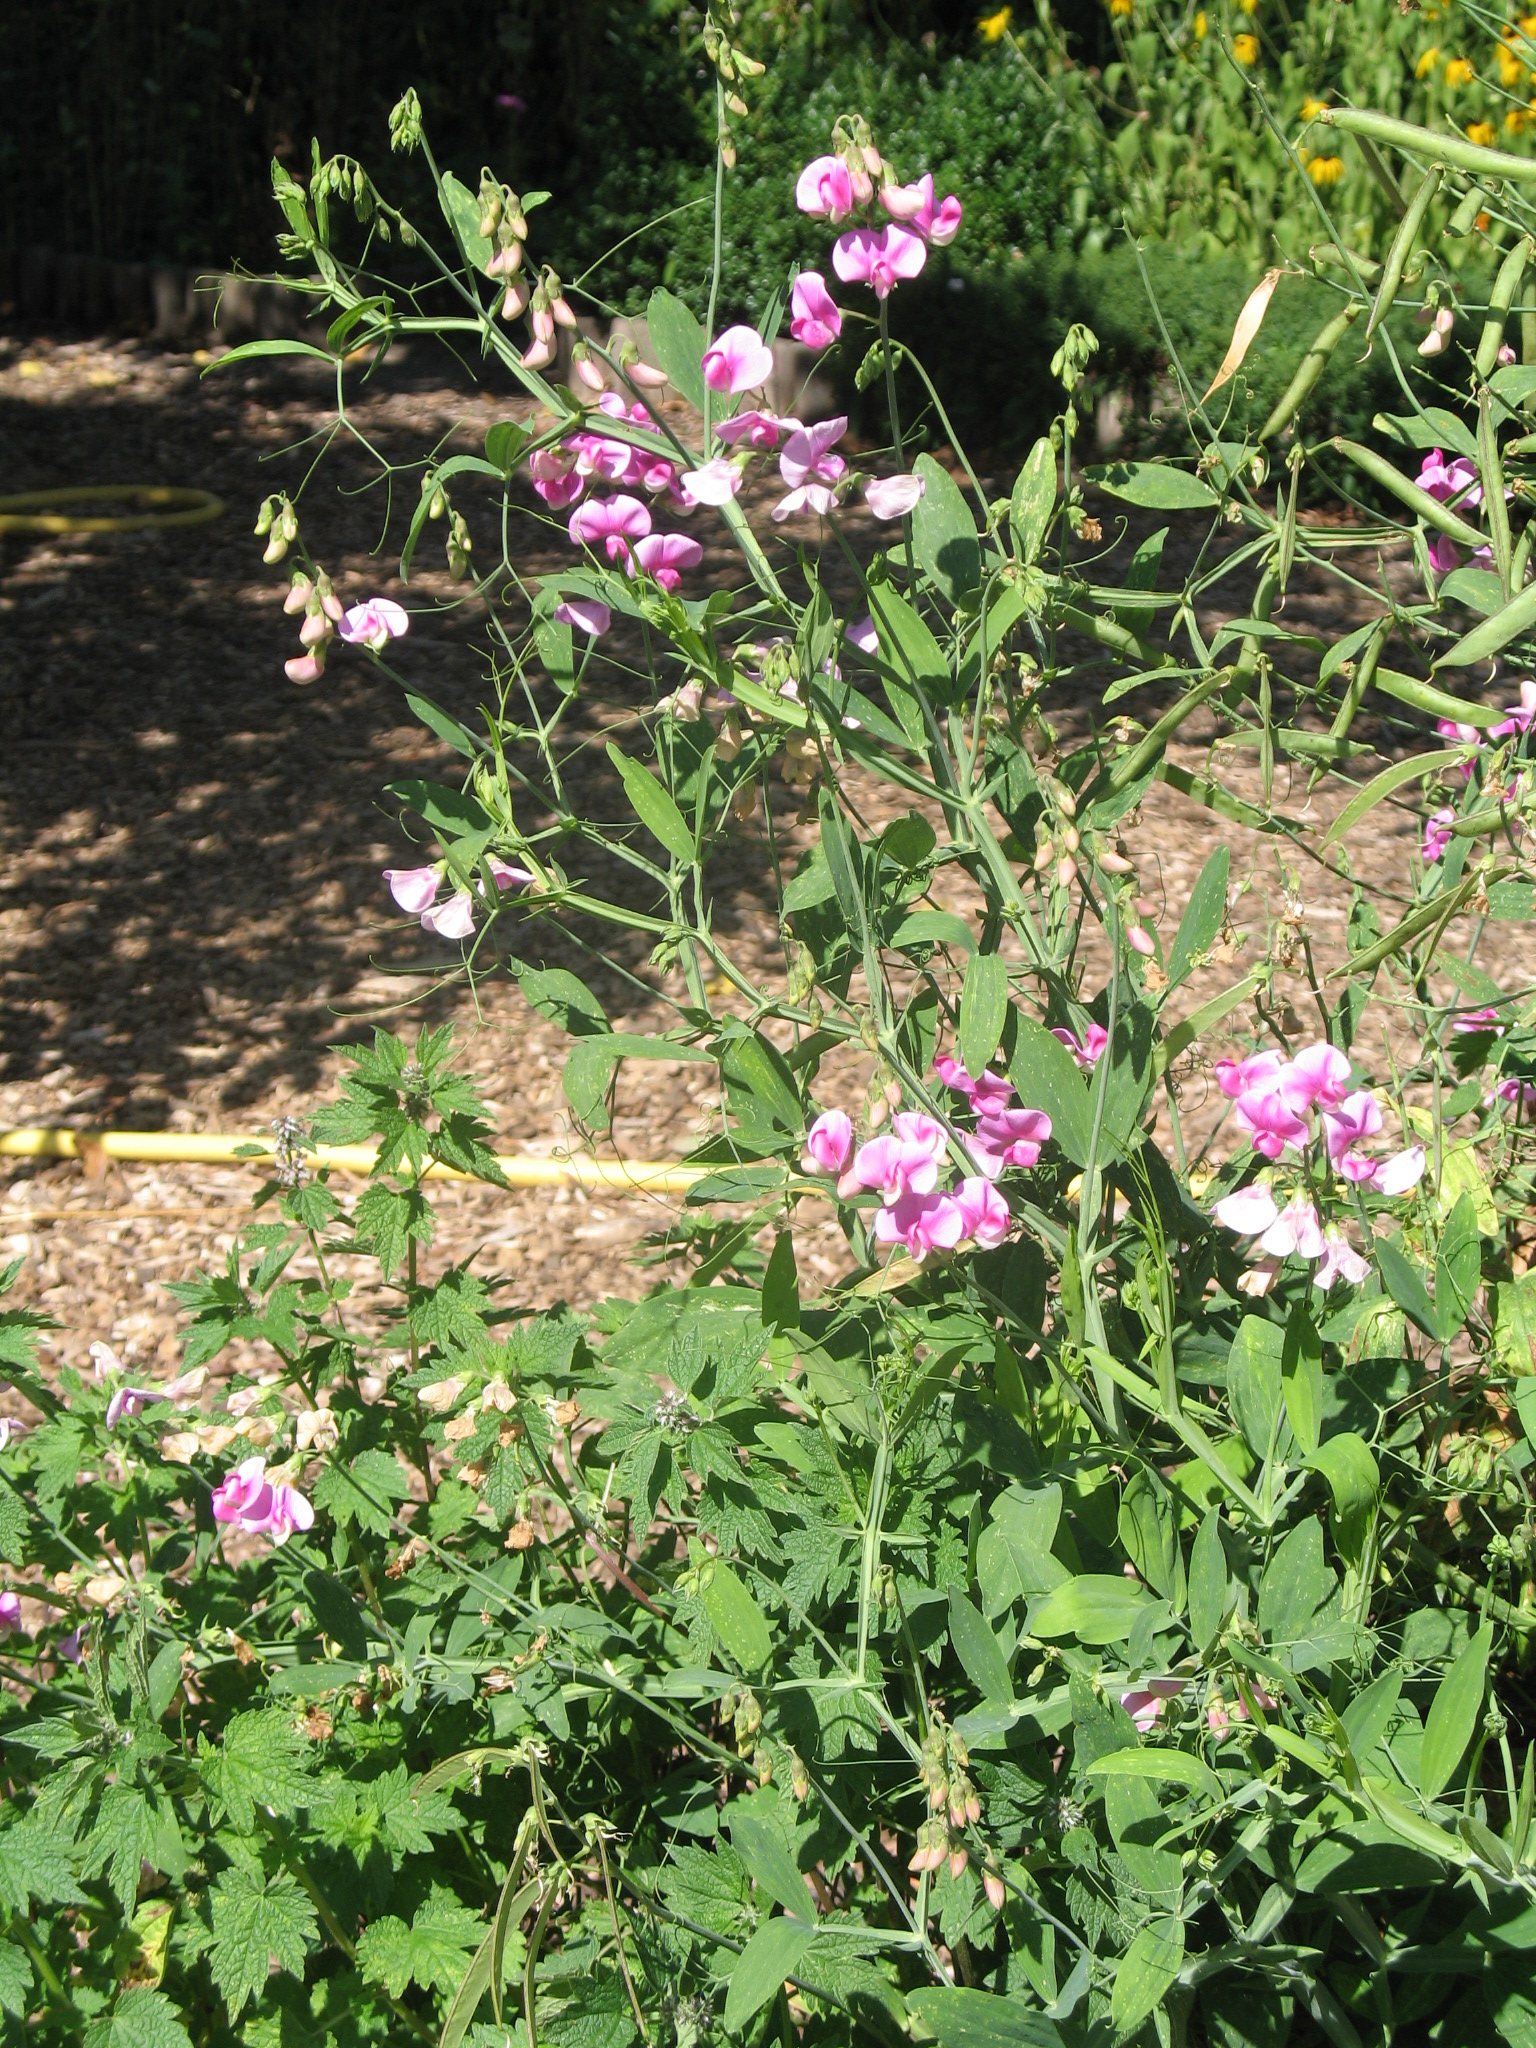 Duftwicke - als Futterpflanze geeignet?